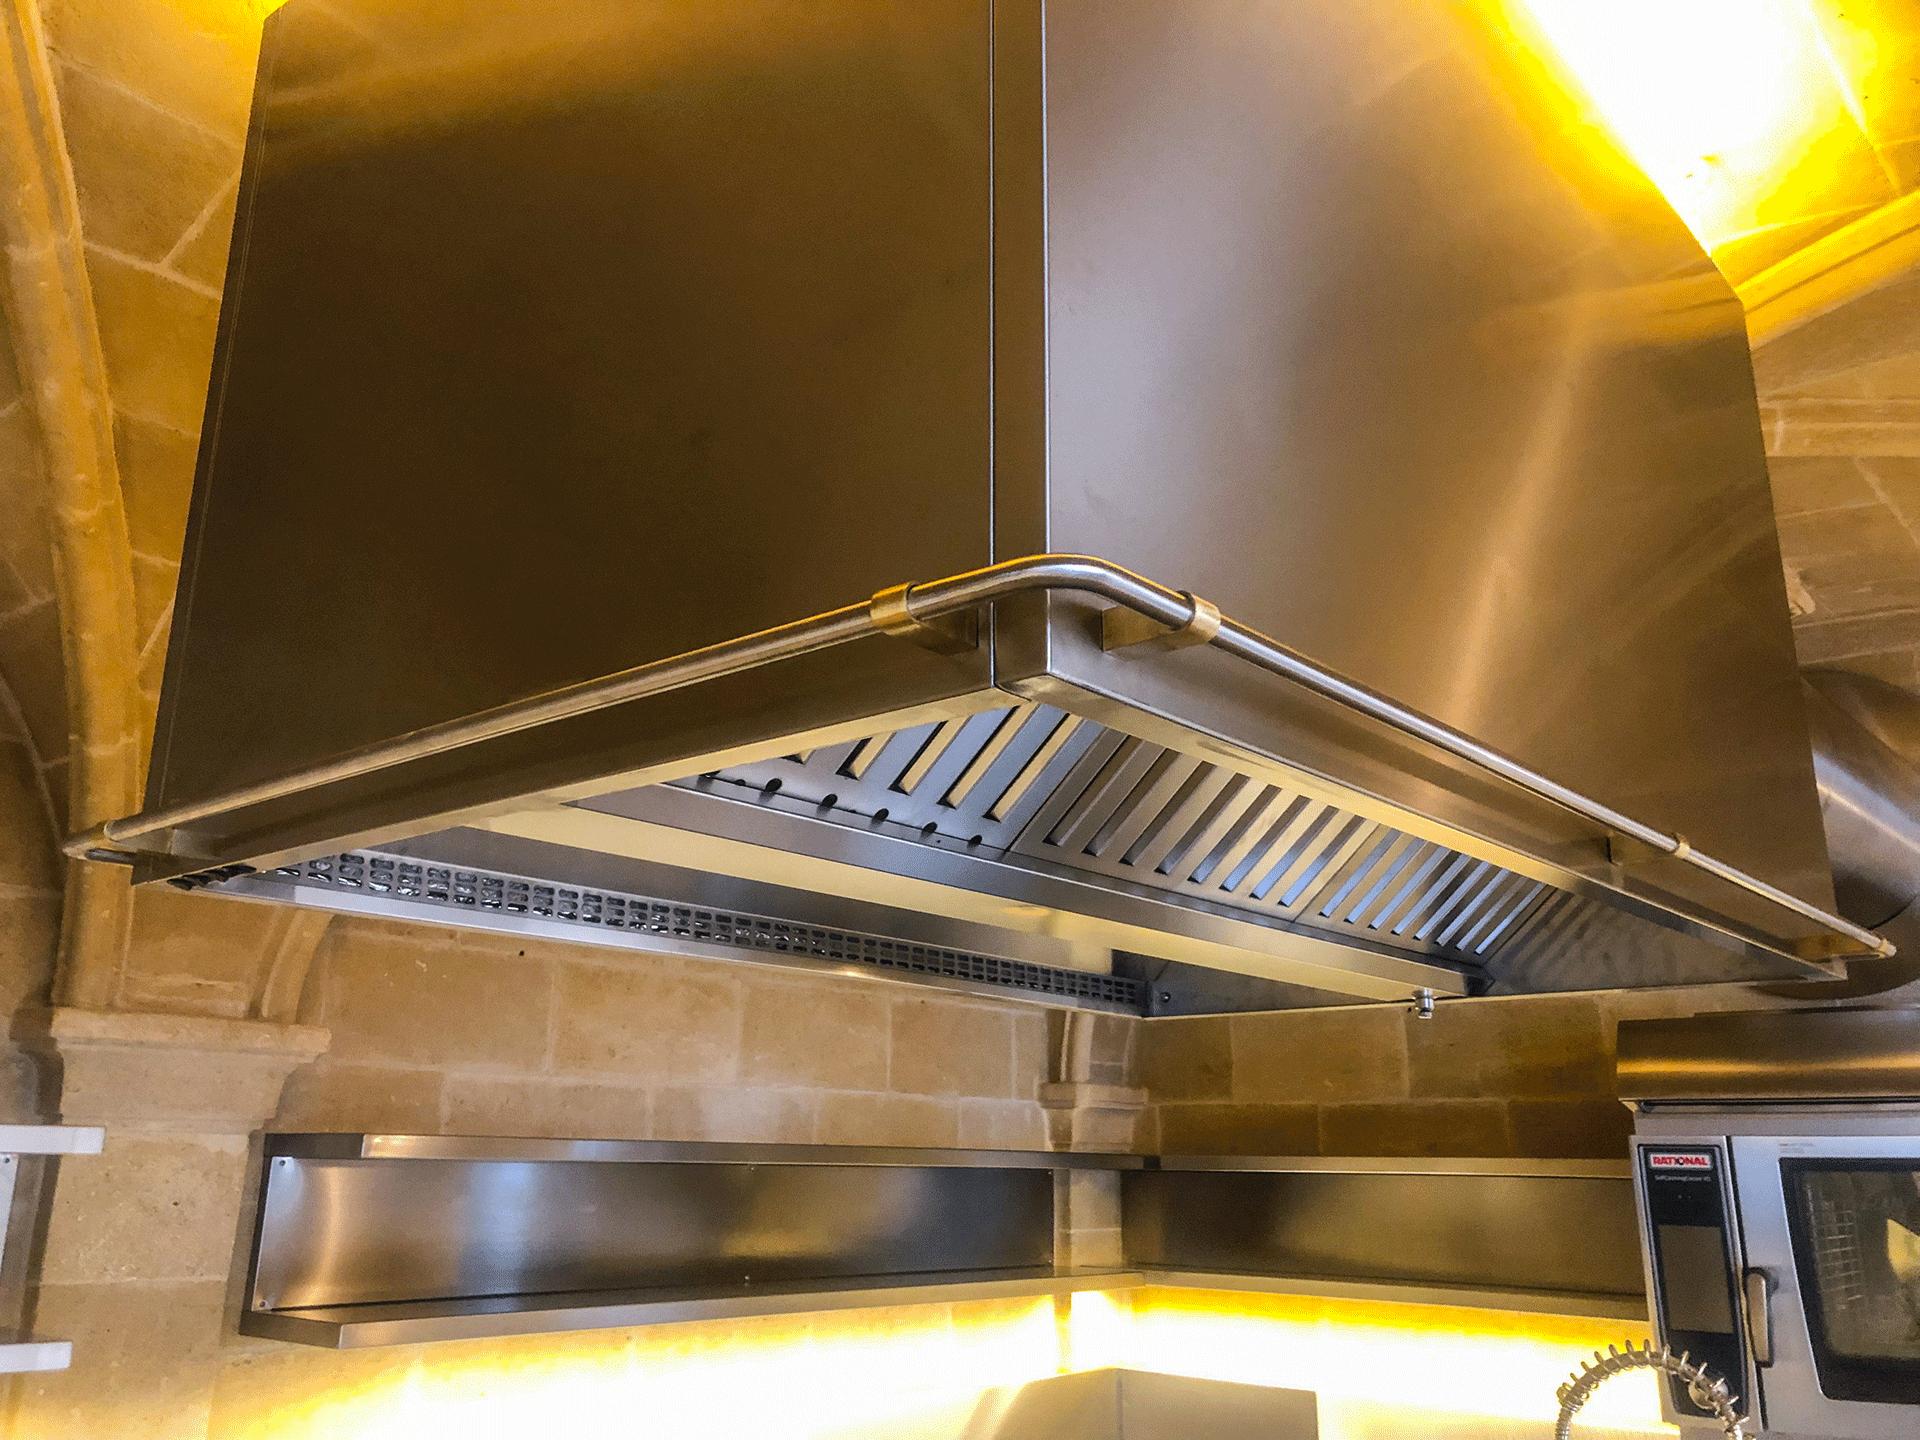 Kuchnia w Wiedniu